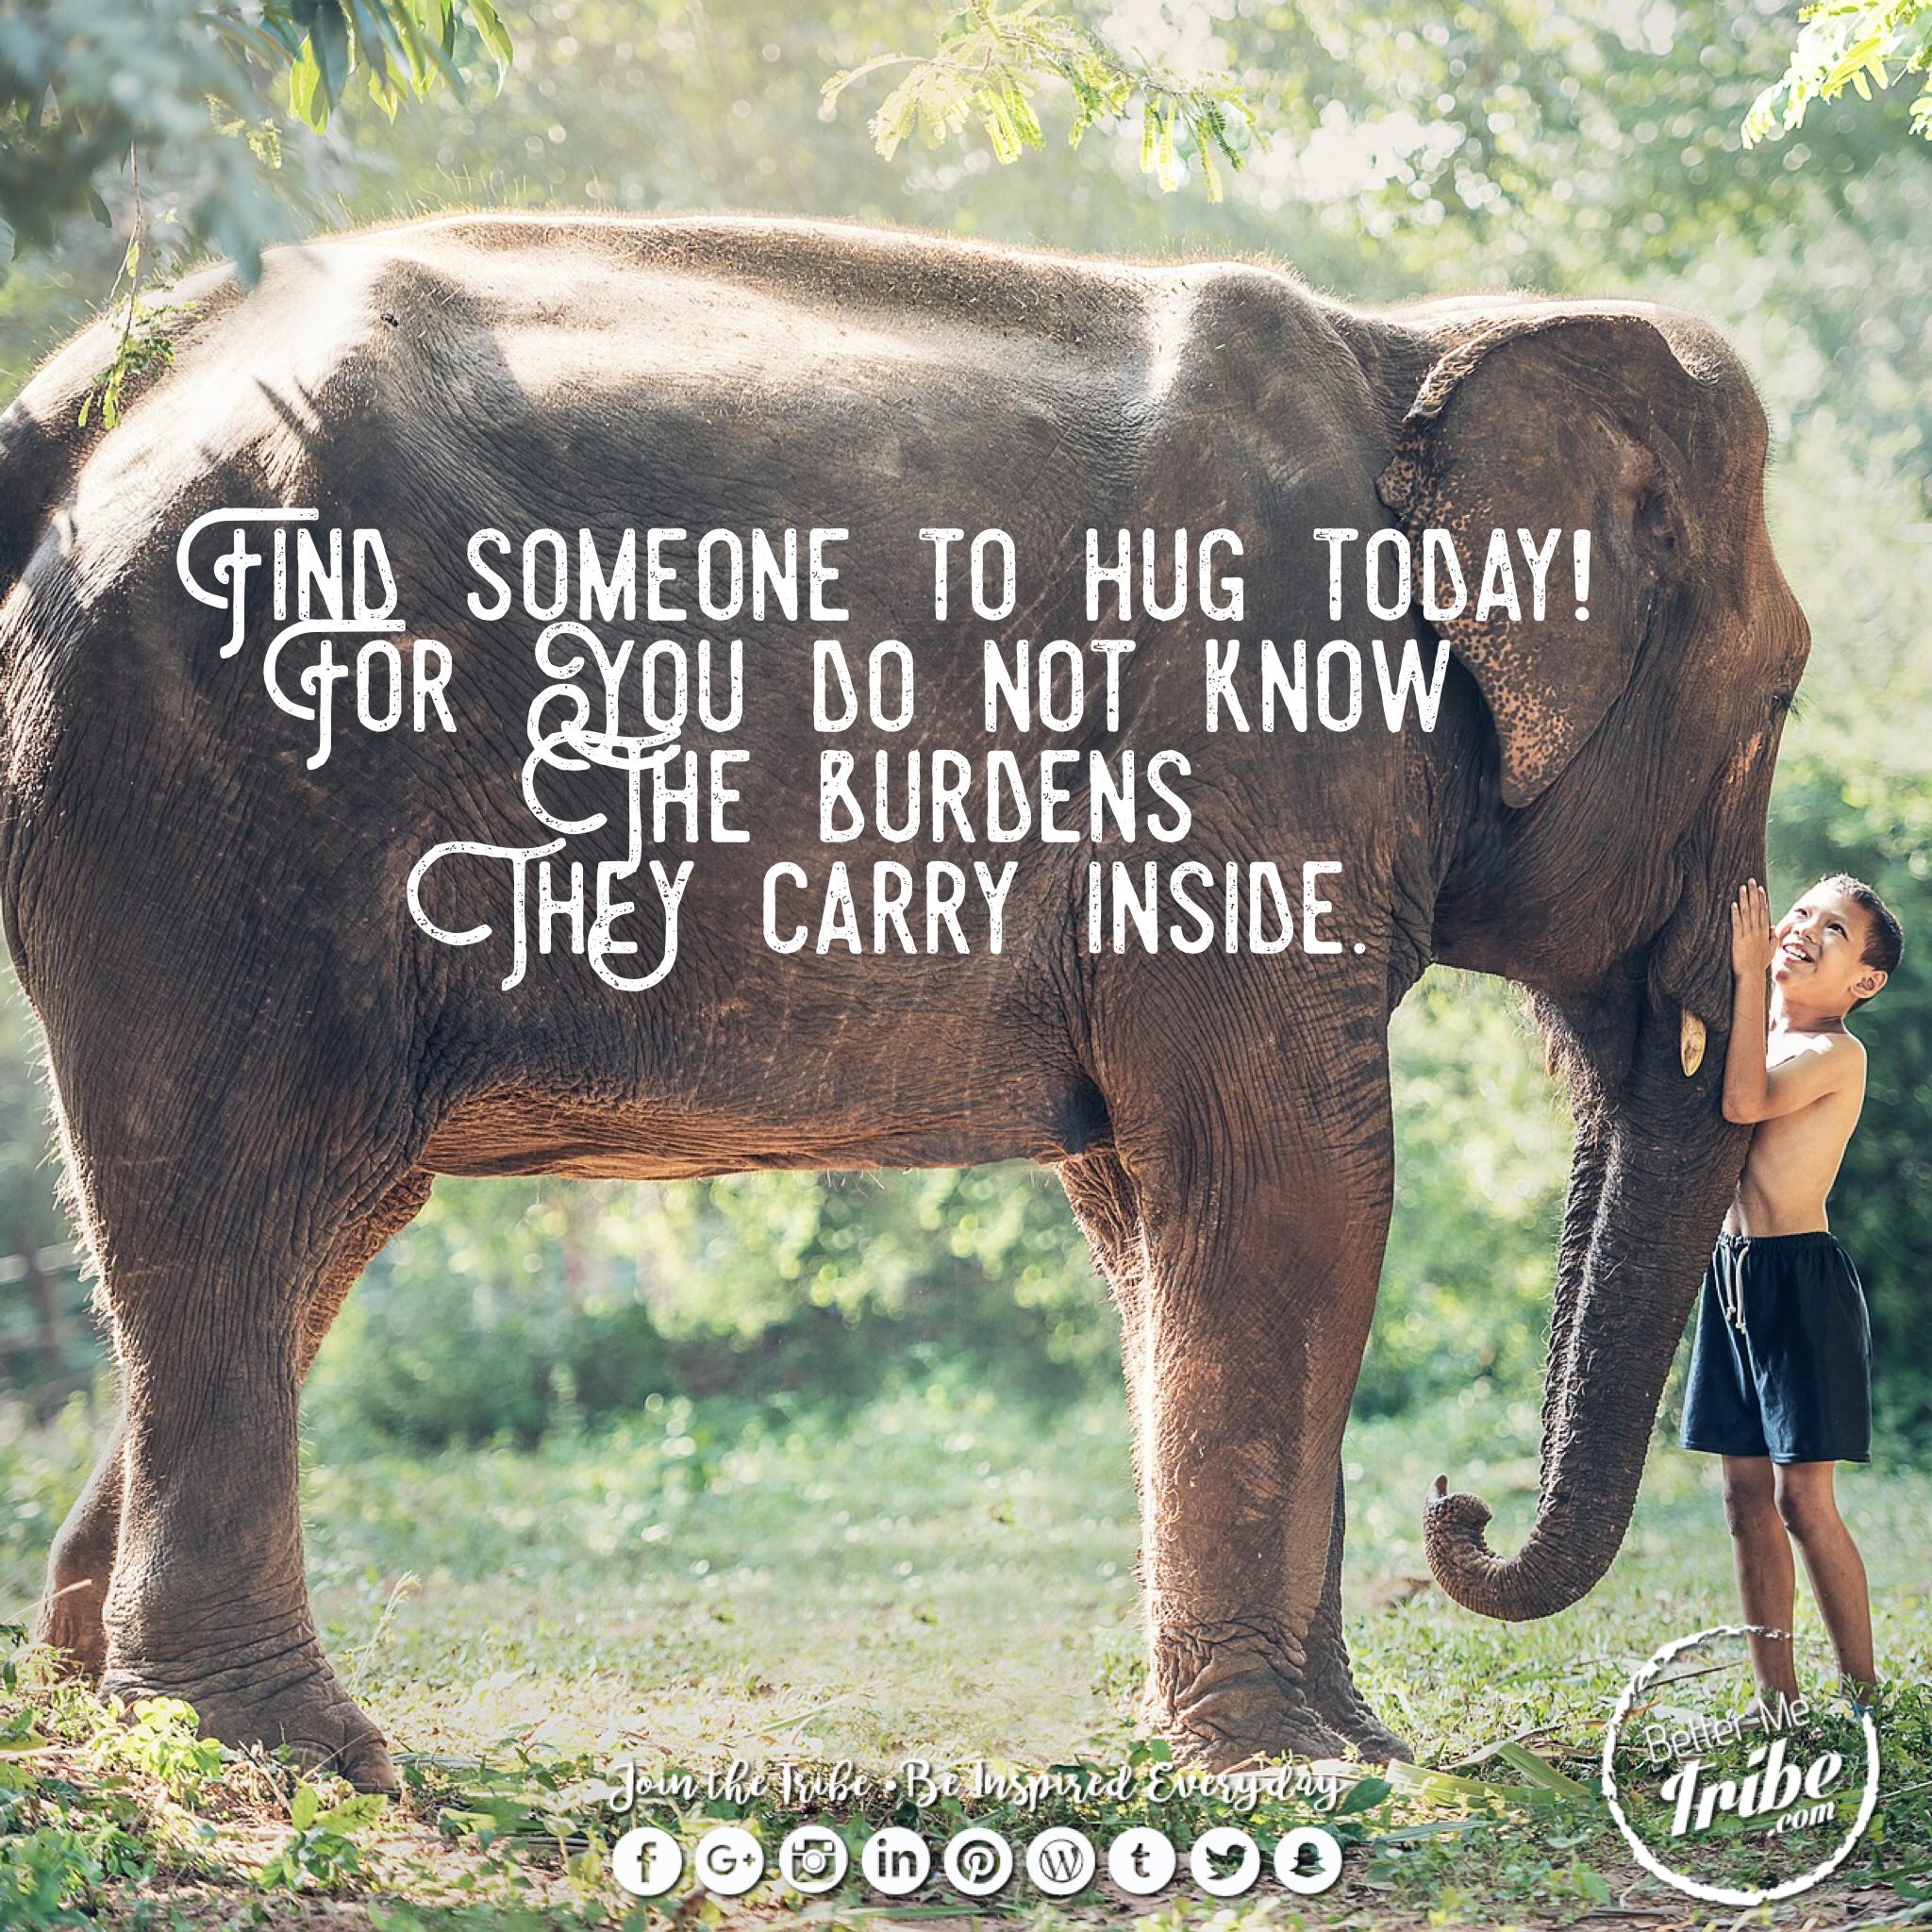 Share a Hug